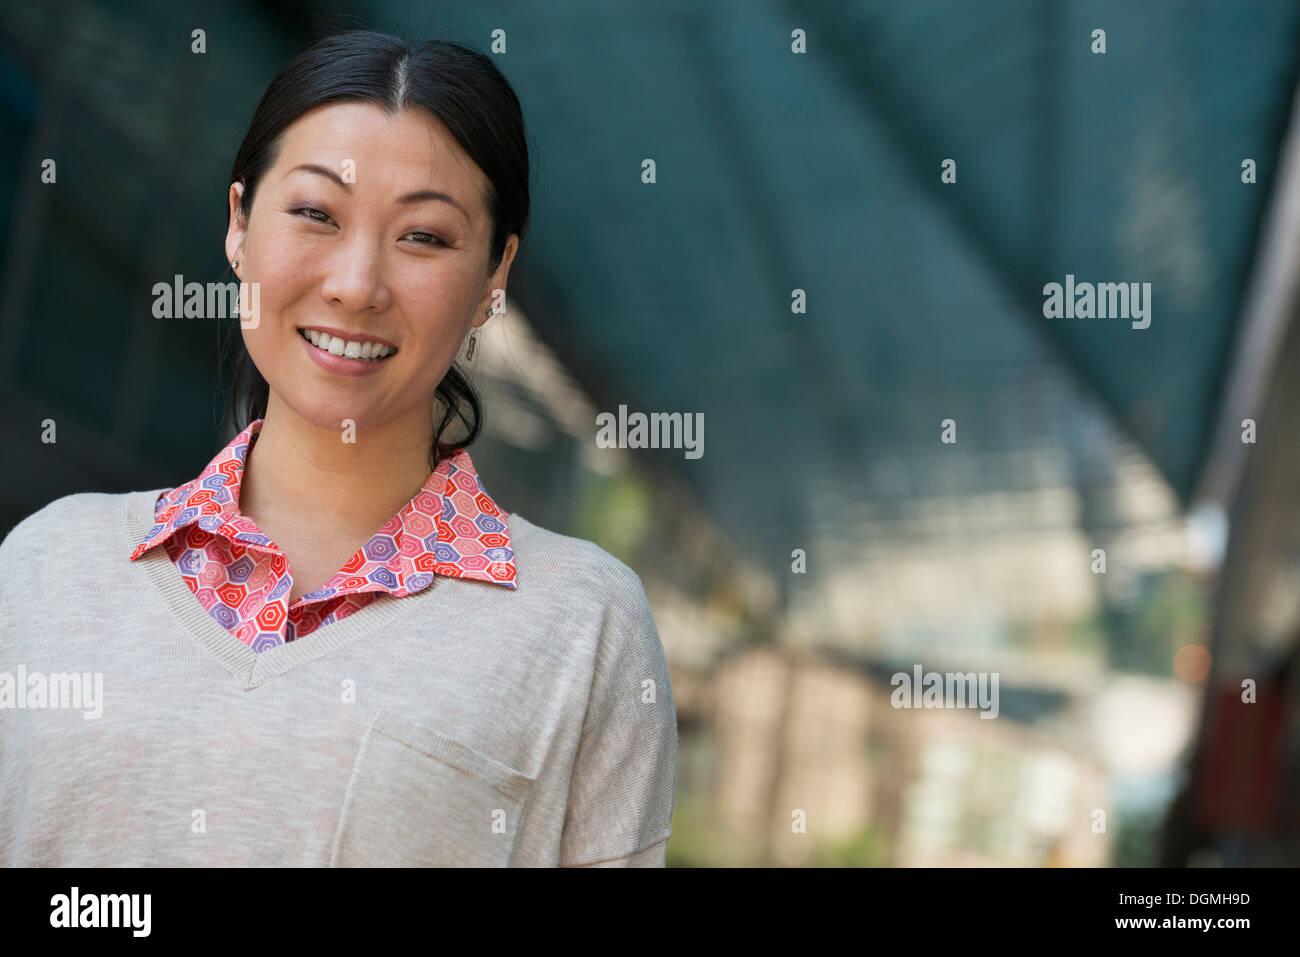 Les gens d'affaires en déplacement. Une femme dans un chandail rose et beige pull. Photo Stock